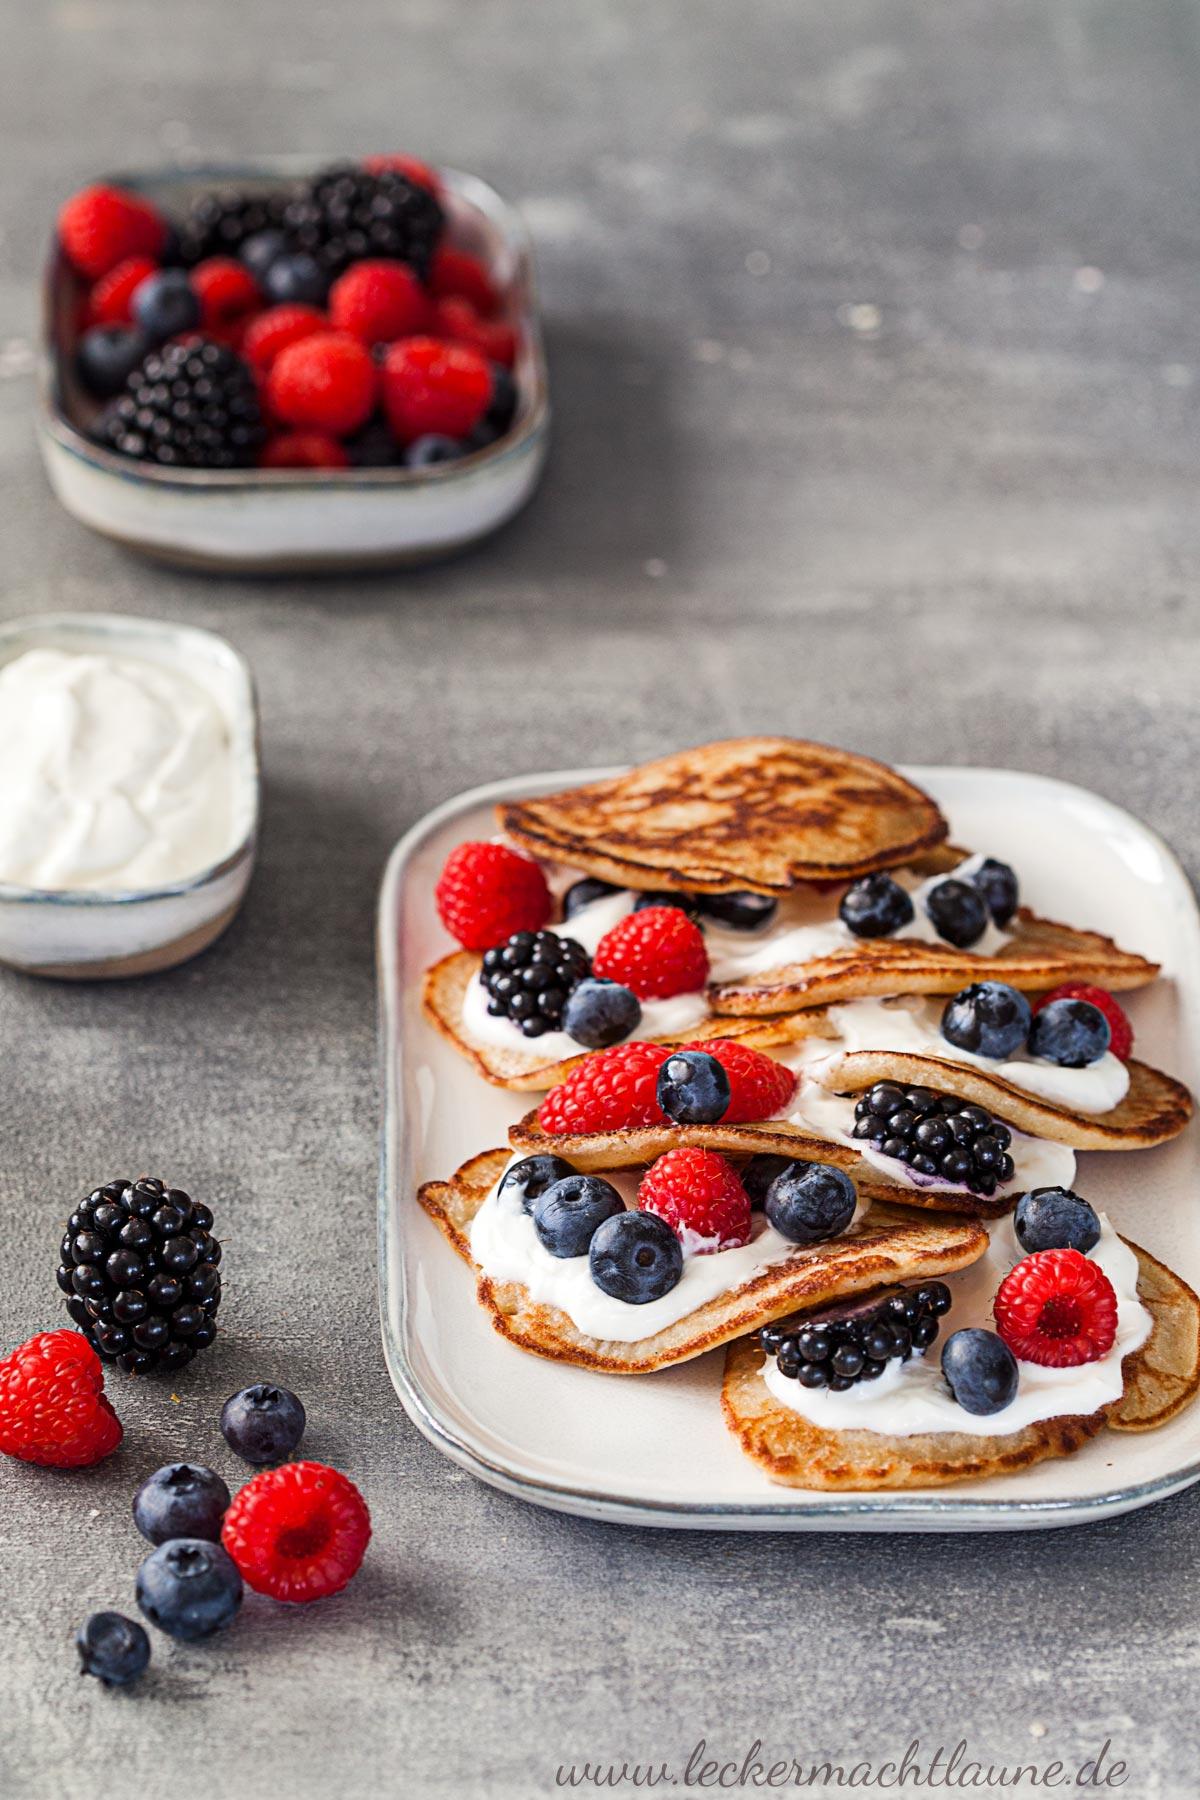 Frühstück macht Laune - Cover